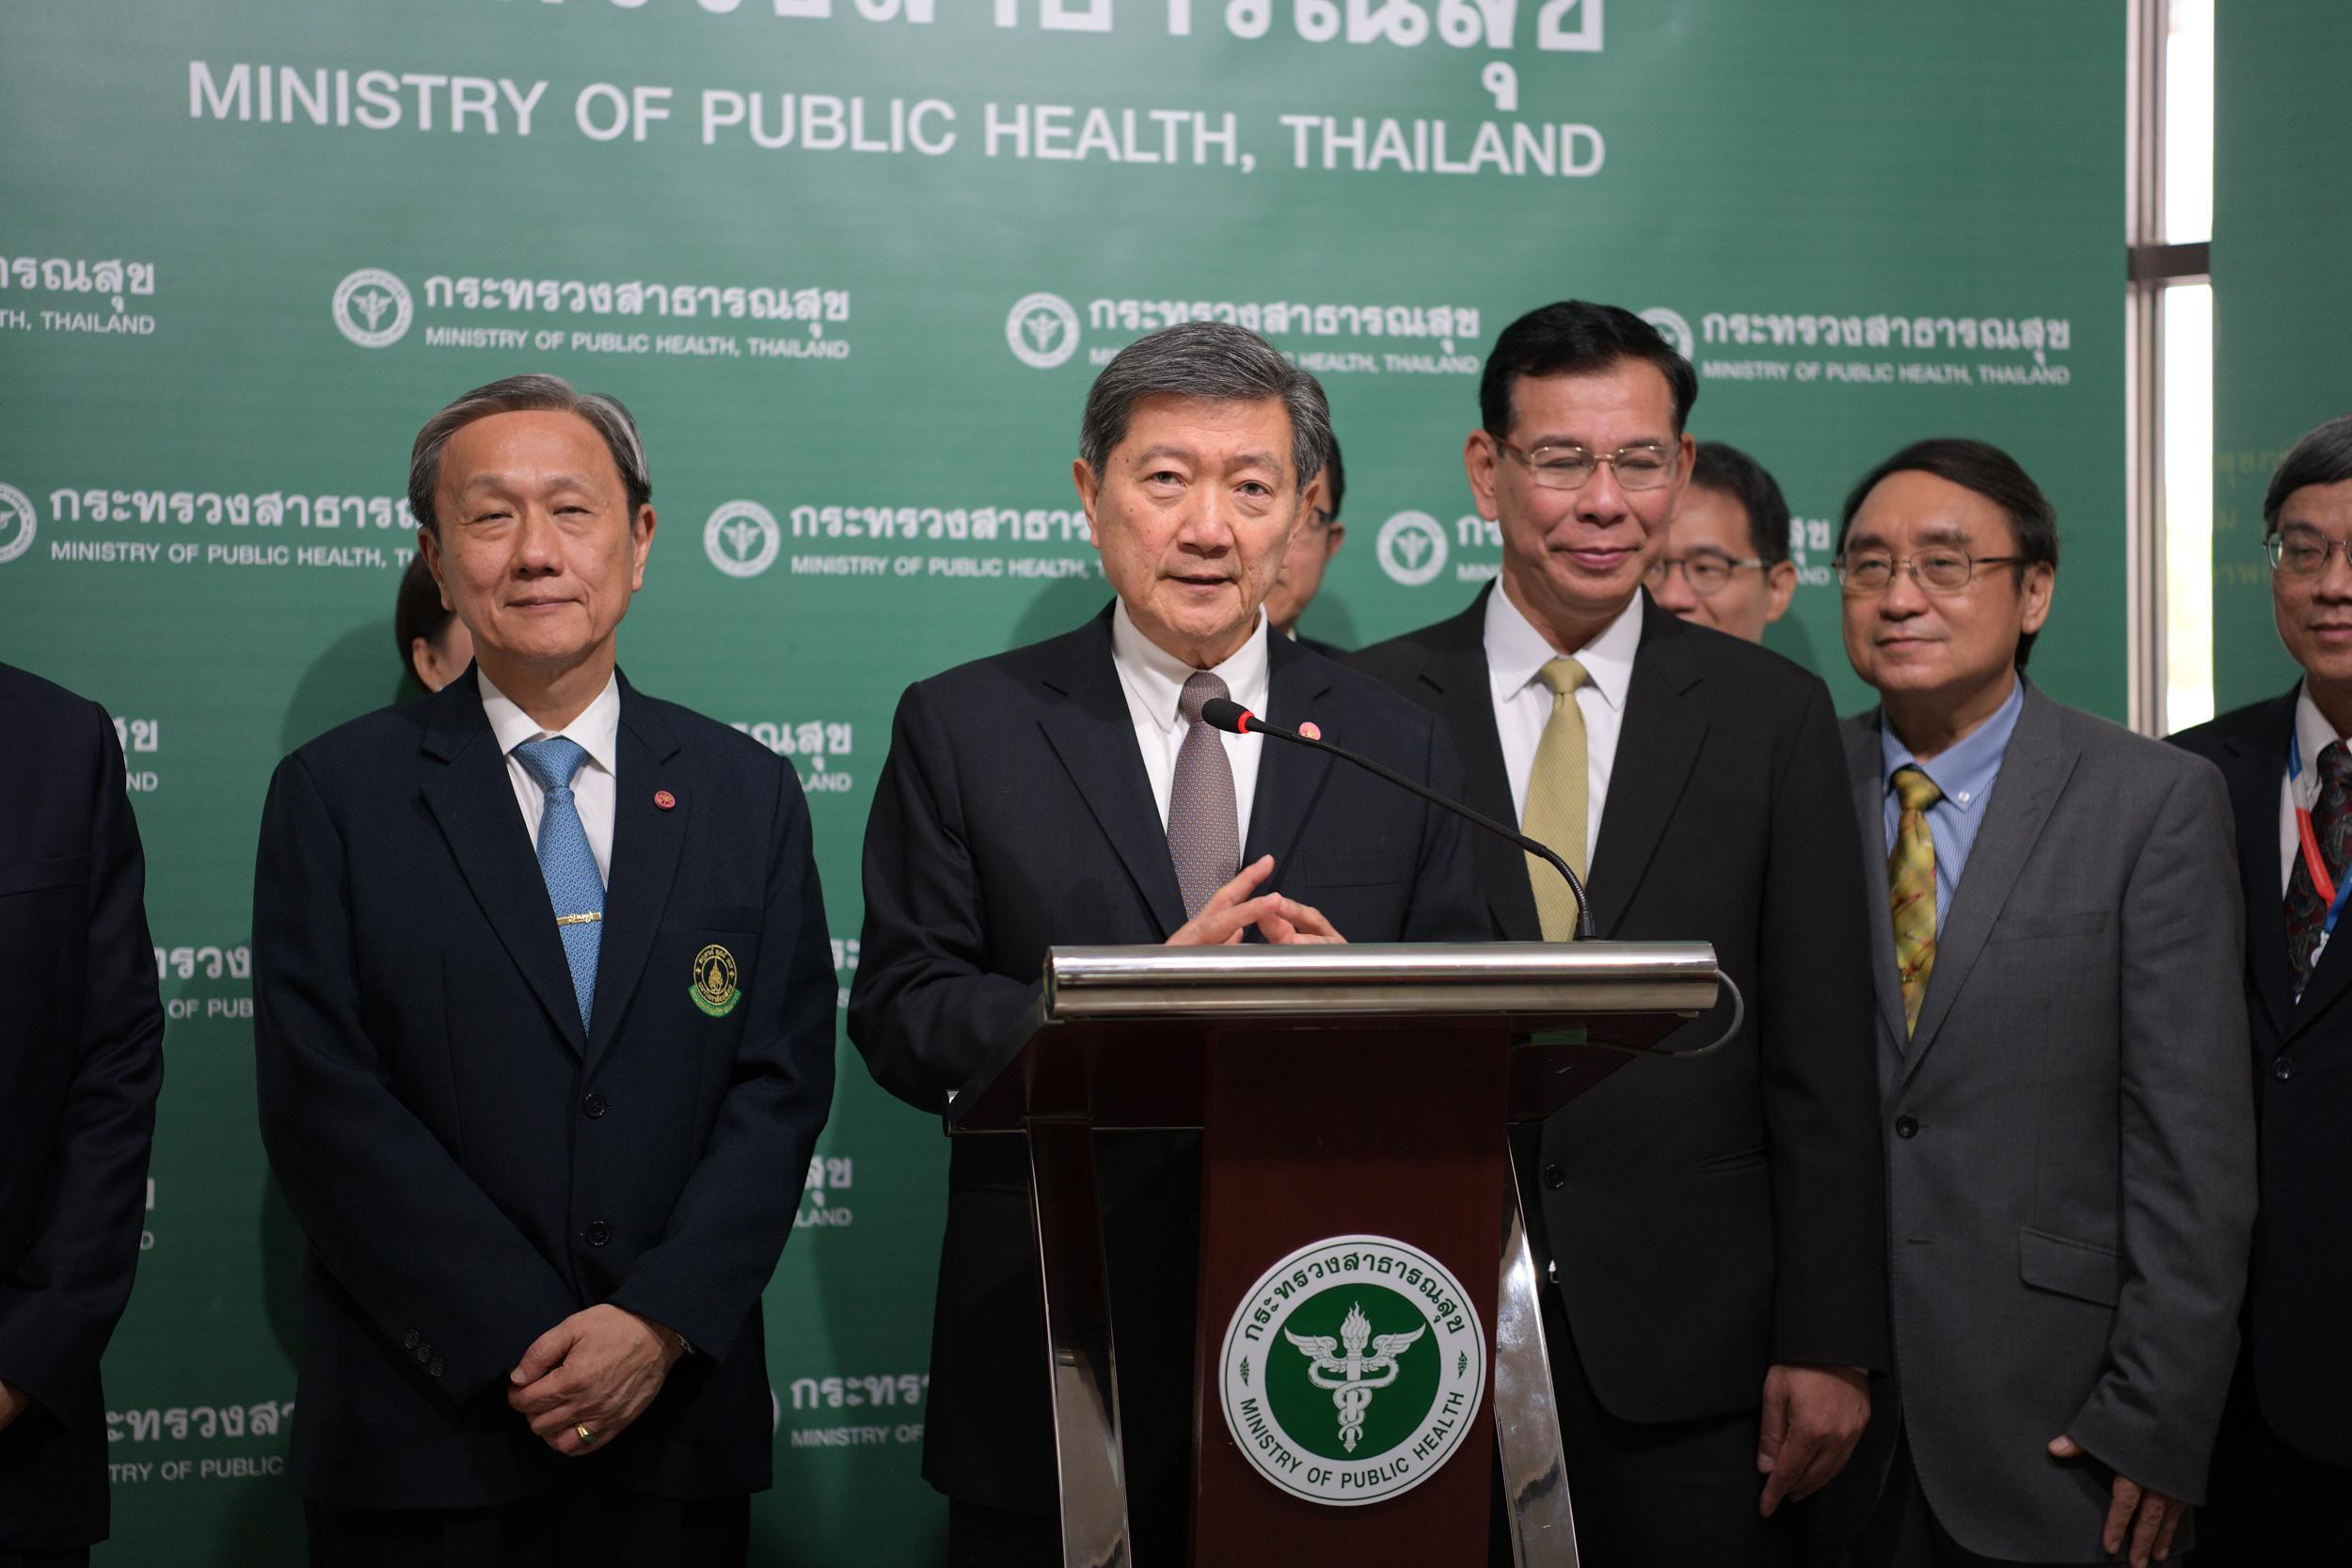 นวัตกรรมงานวิจัย R2R พัฒนาบริการ–ลดงานหนัก thaihealth